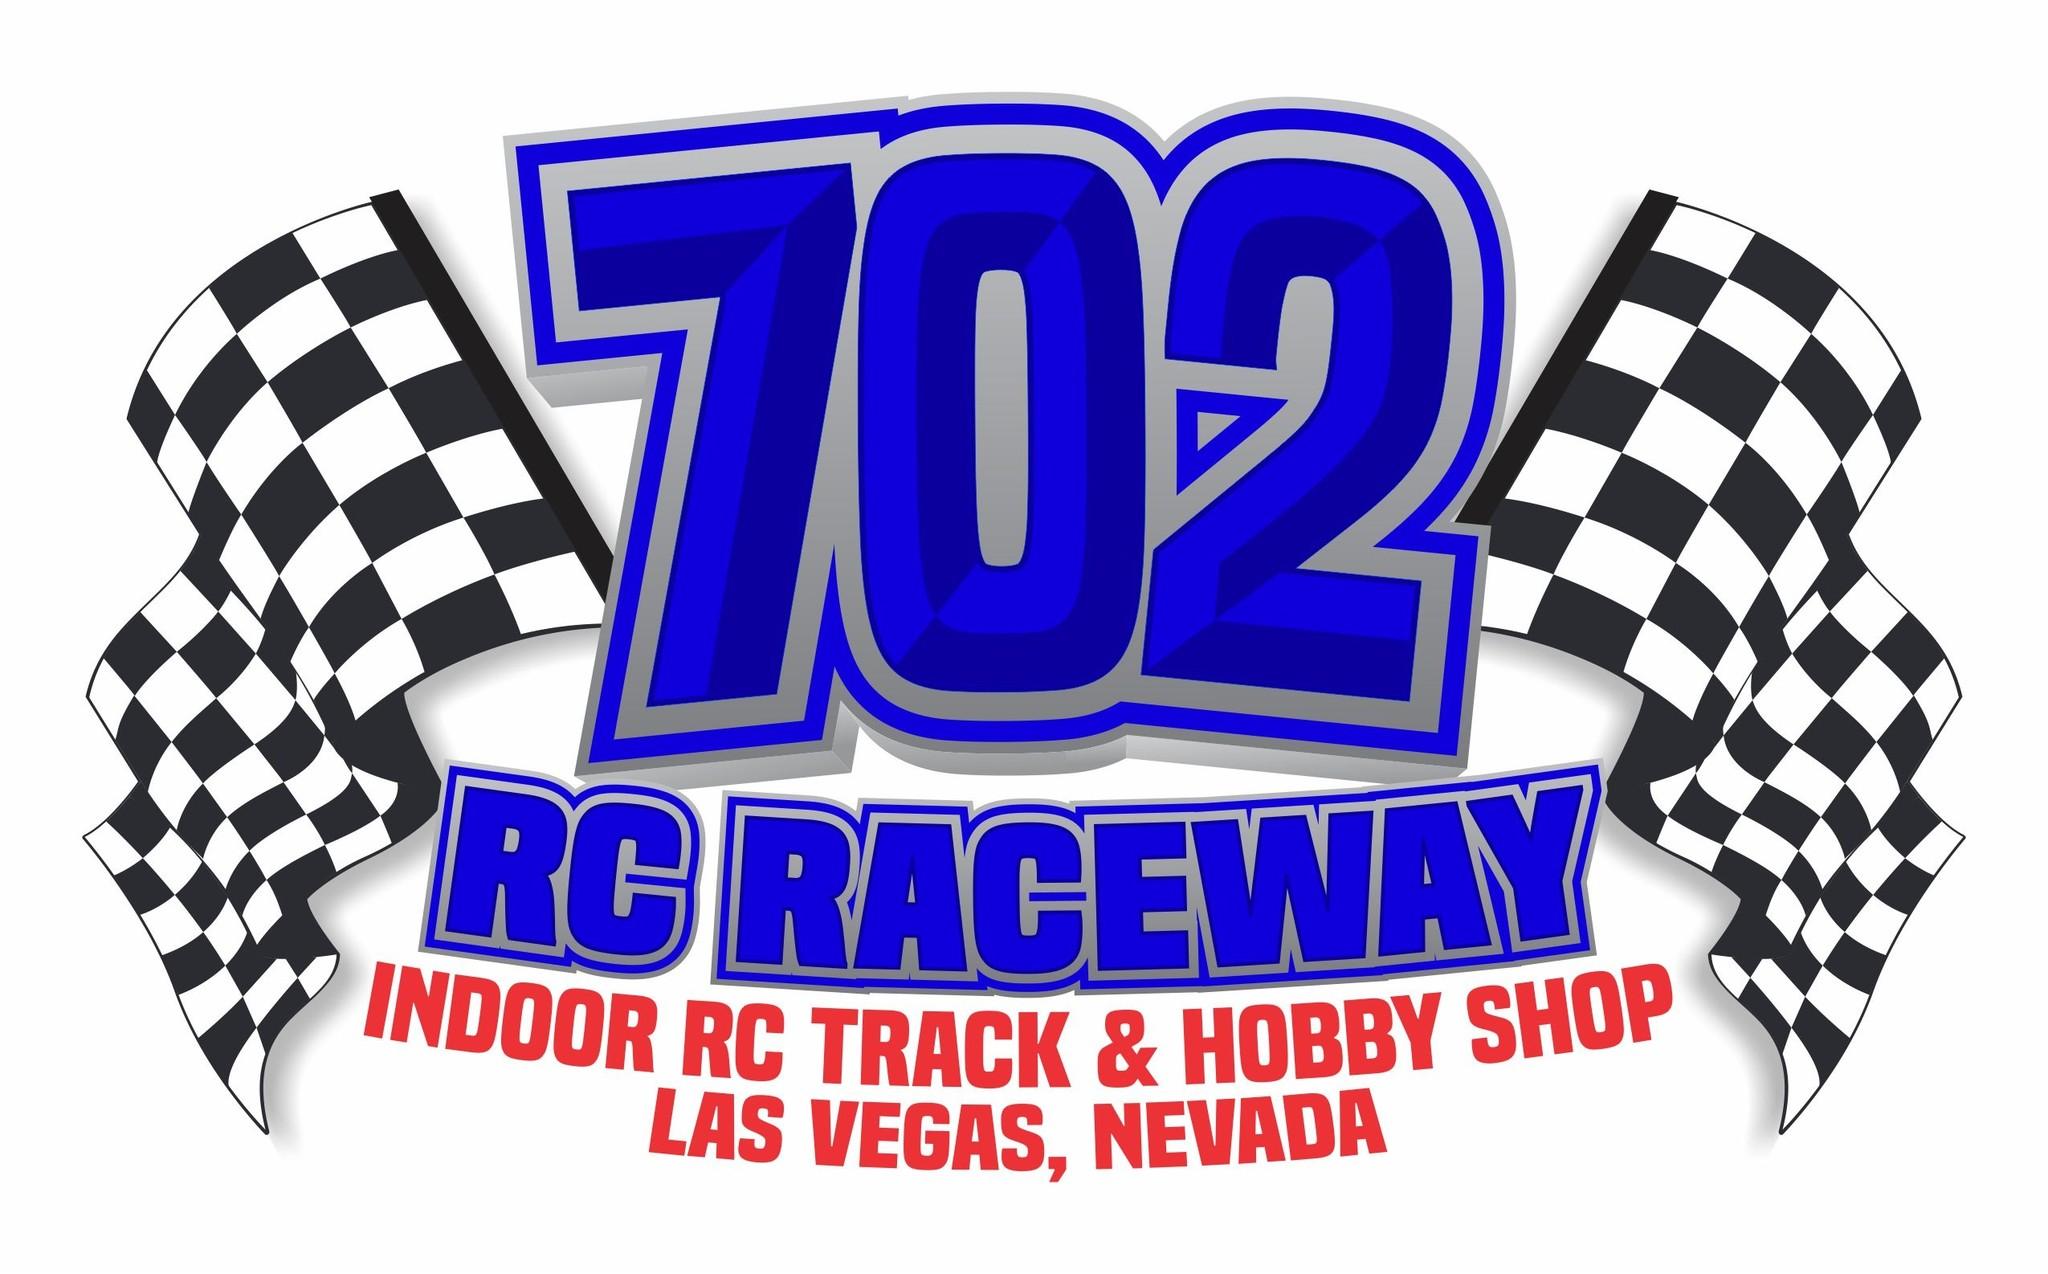 702 RC Raceway Track News: Week of Oct 20 – Oct 24